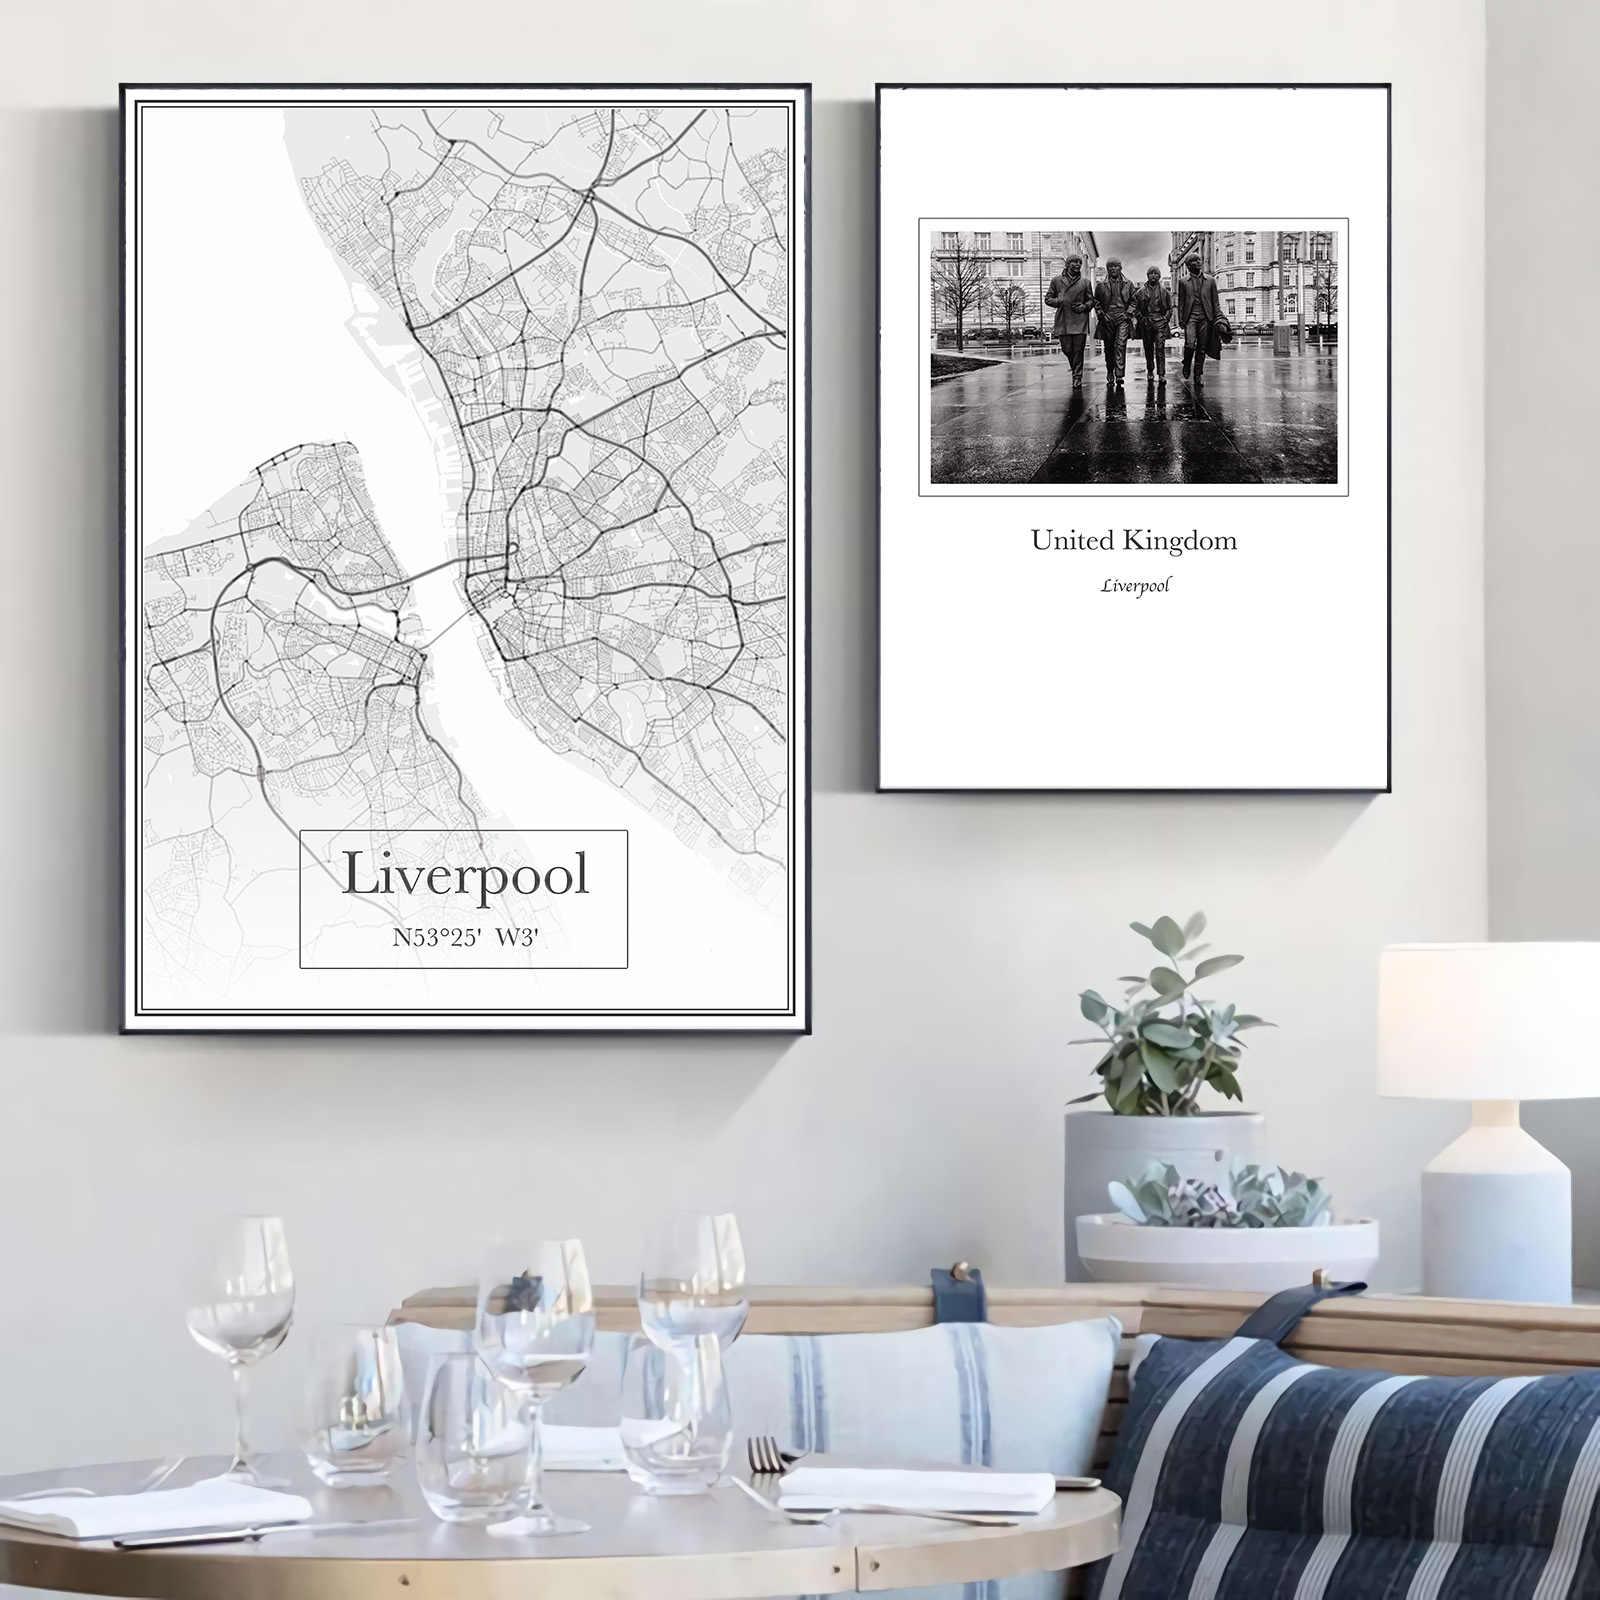 Inglaterra Reino Unido Industria Liverpool Mapa Da Cidade Classico Quadros De Lona Mapas Vintage Kraft Posters Revestido Arte Imprime Decoracao Casa Presente Pintura E Caligrafia Aliexpress